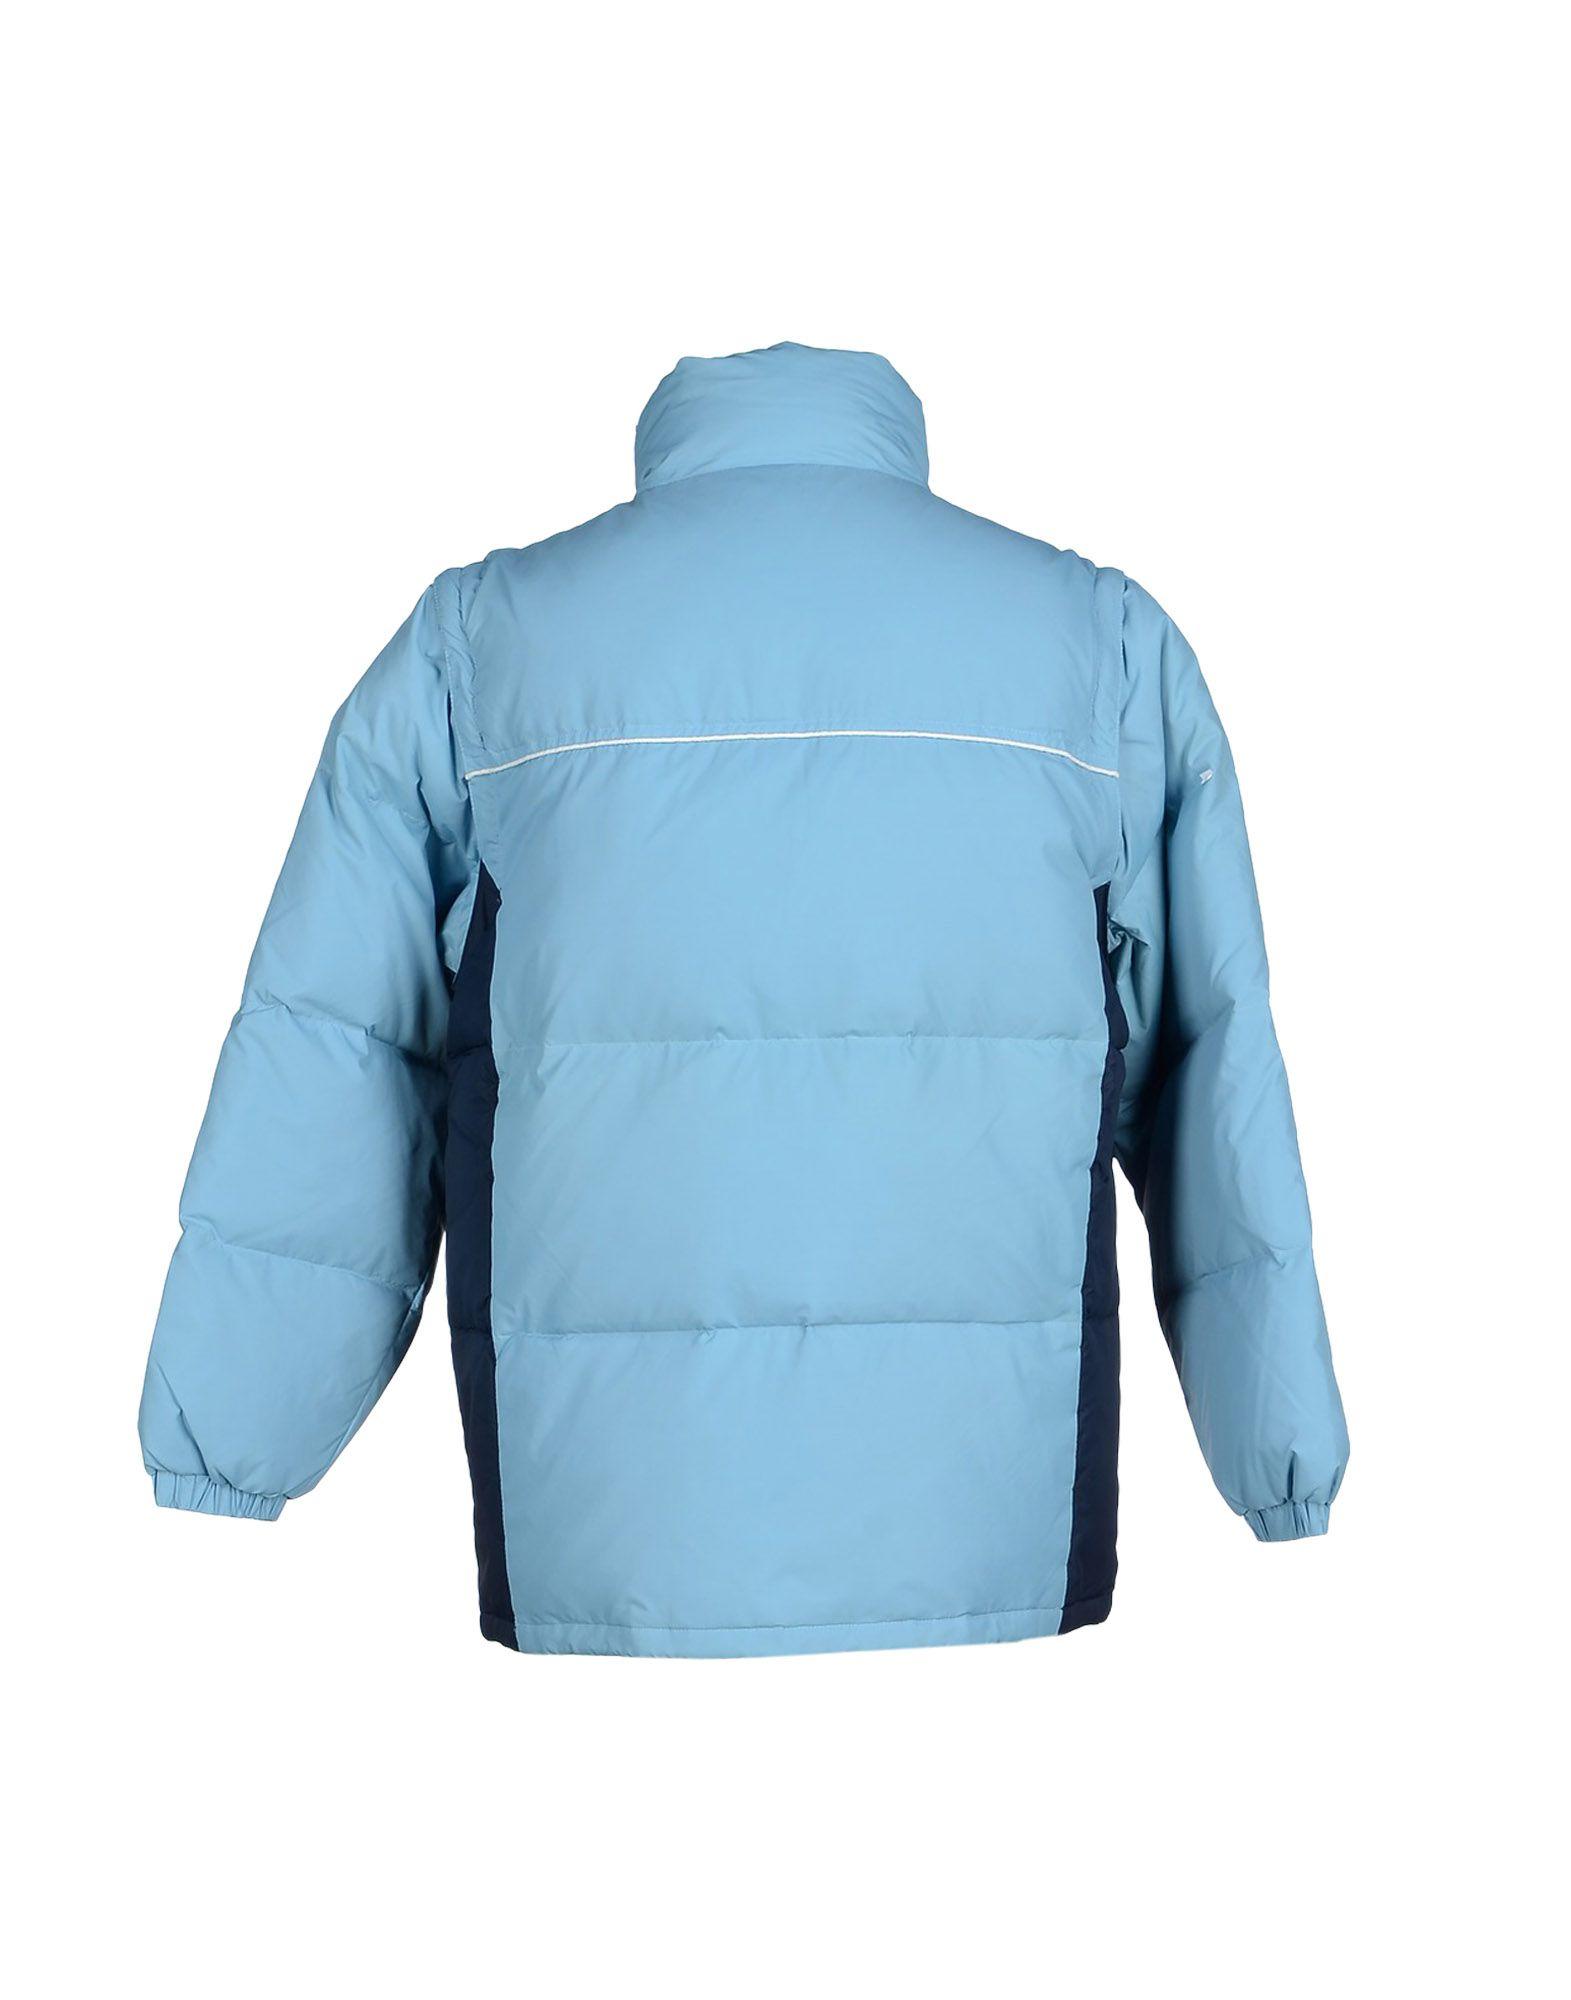 asics down jacket